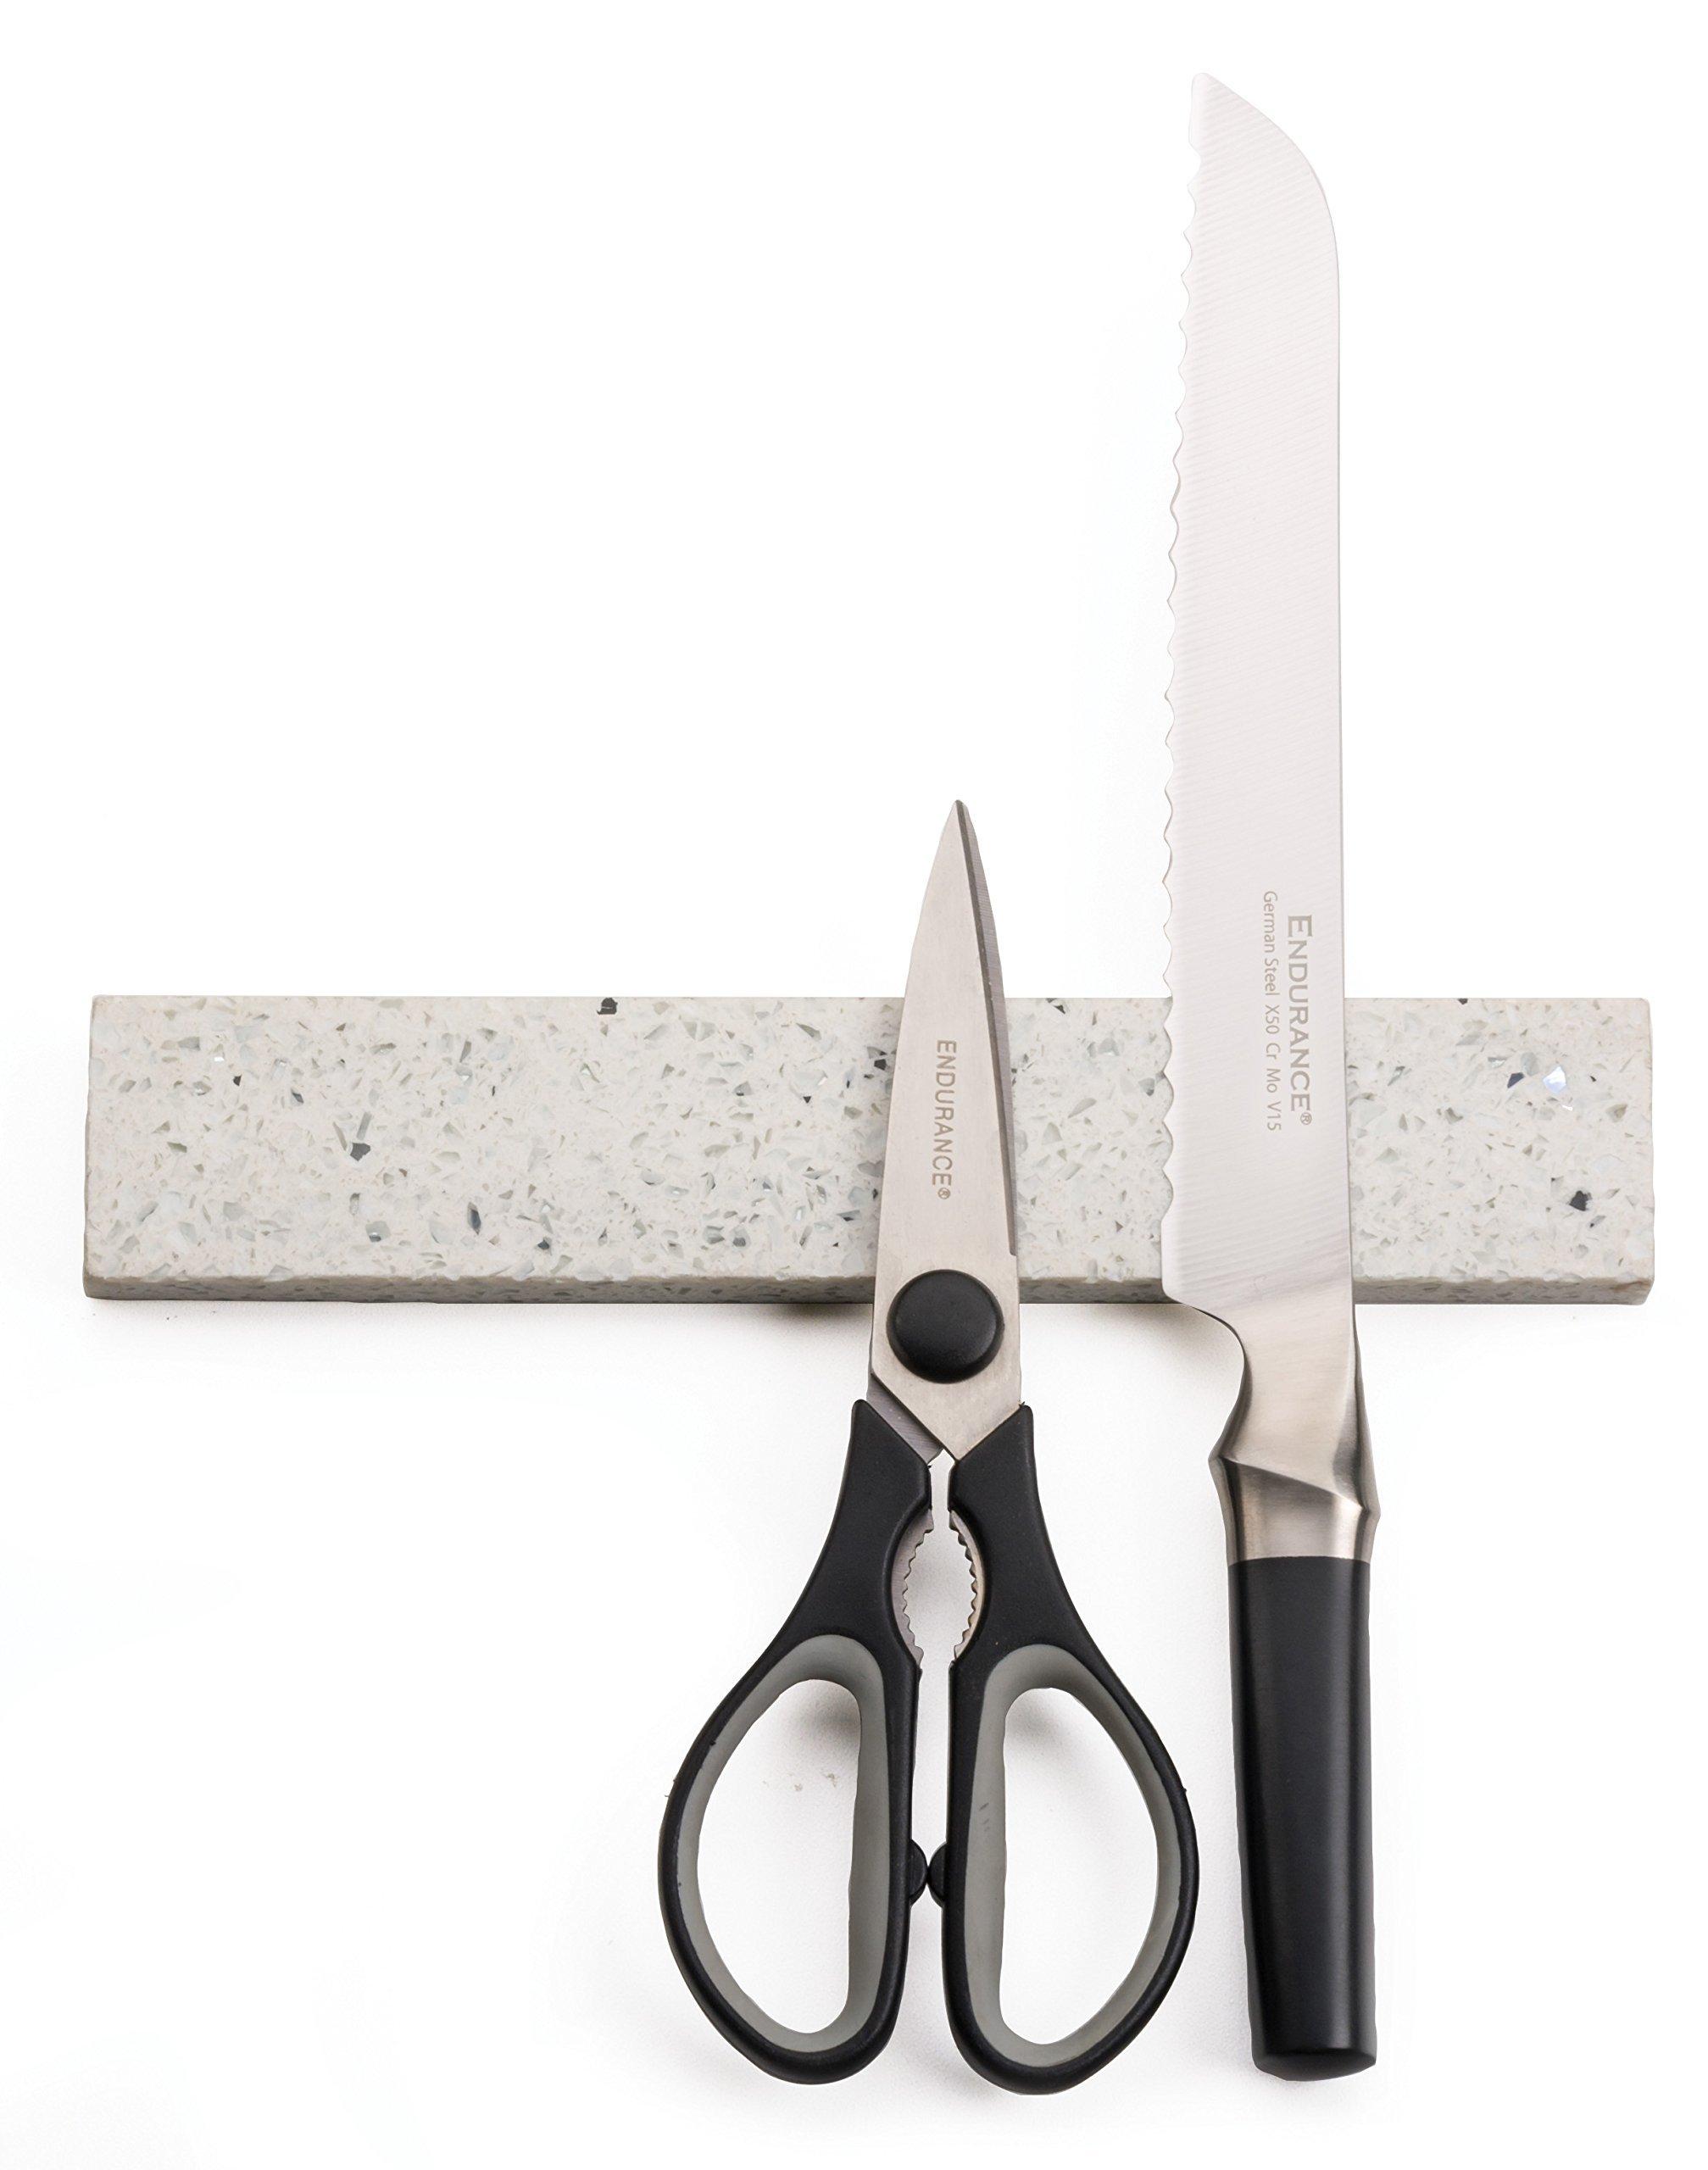 RSVP Quartz Stone 10-Inch Magnetic Knife Bar, White